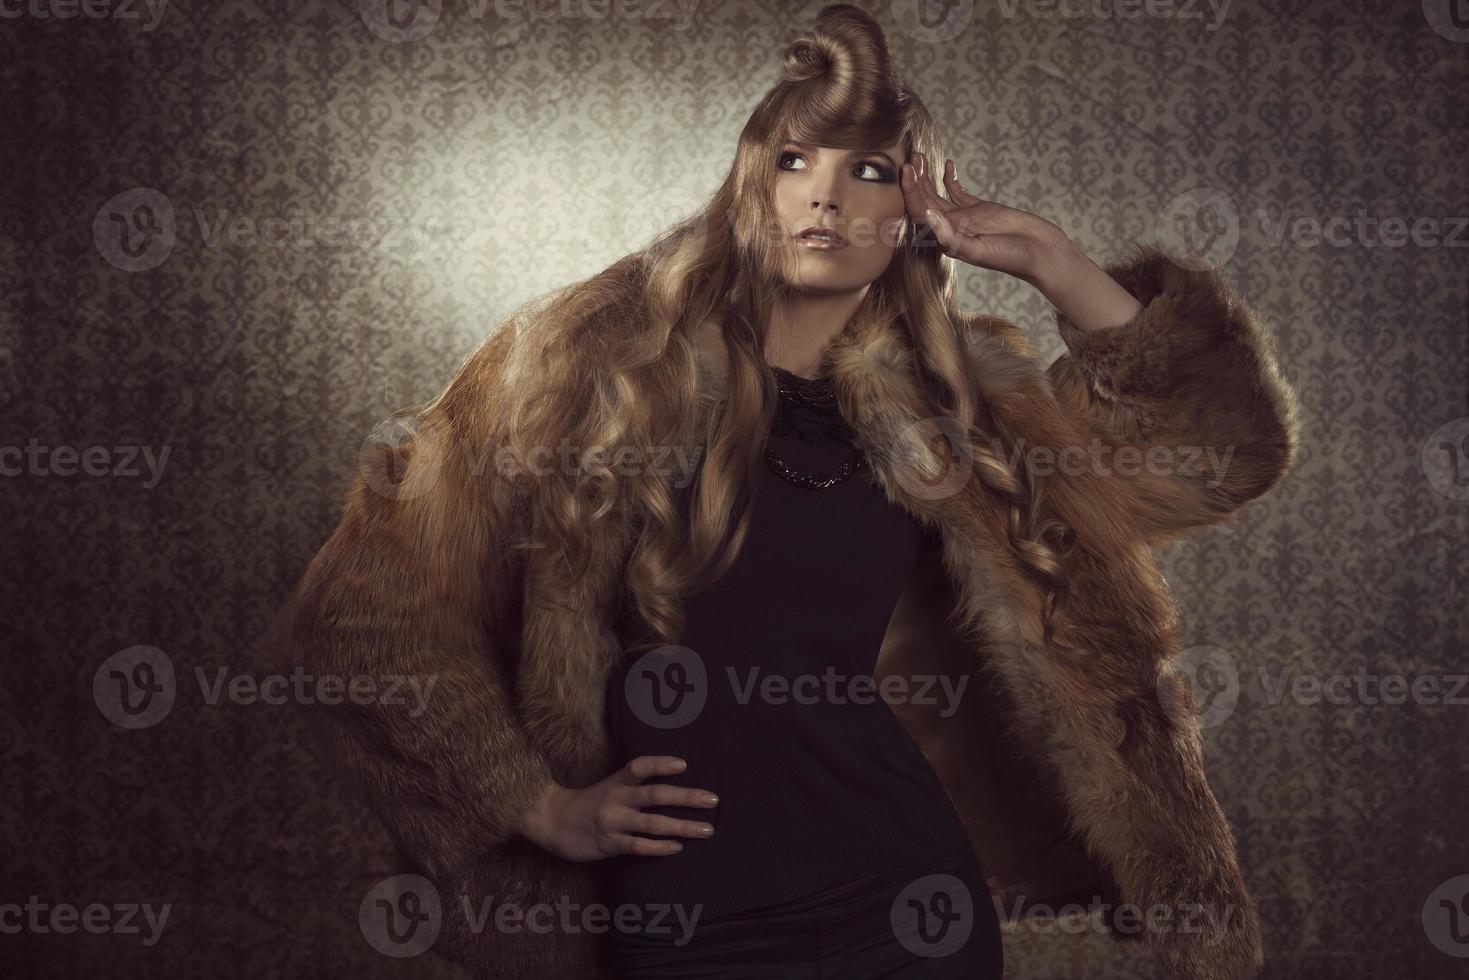 blond tjej med vintermodestil foto